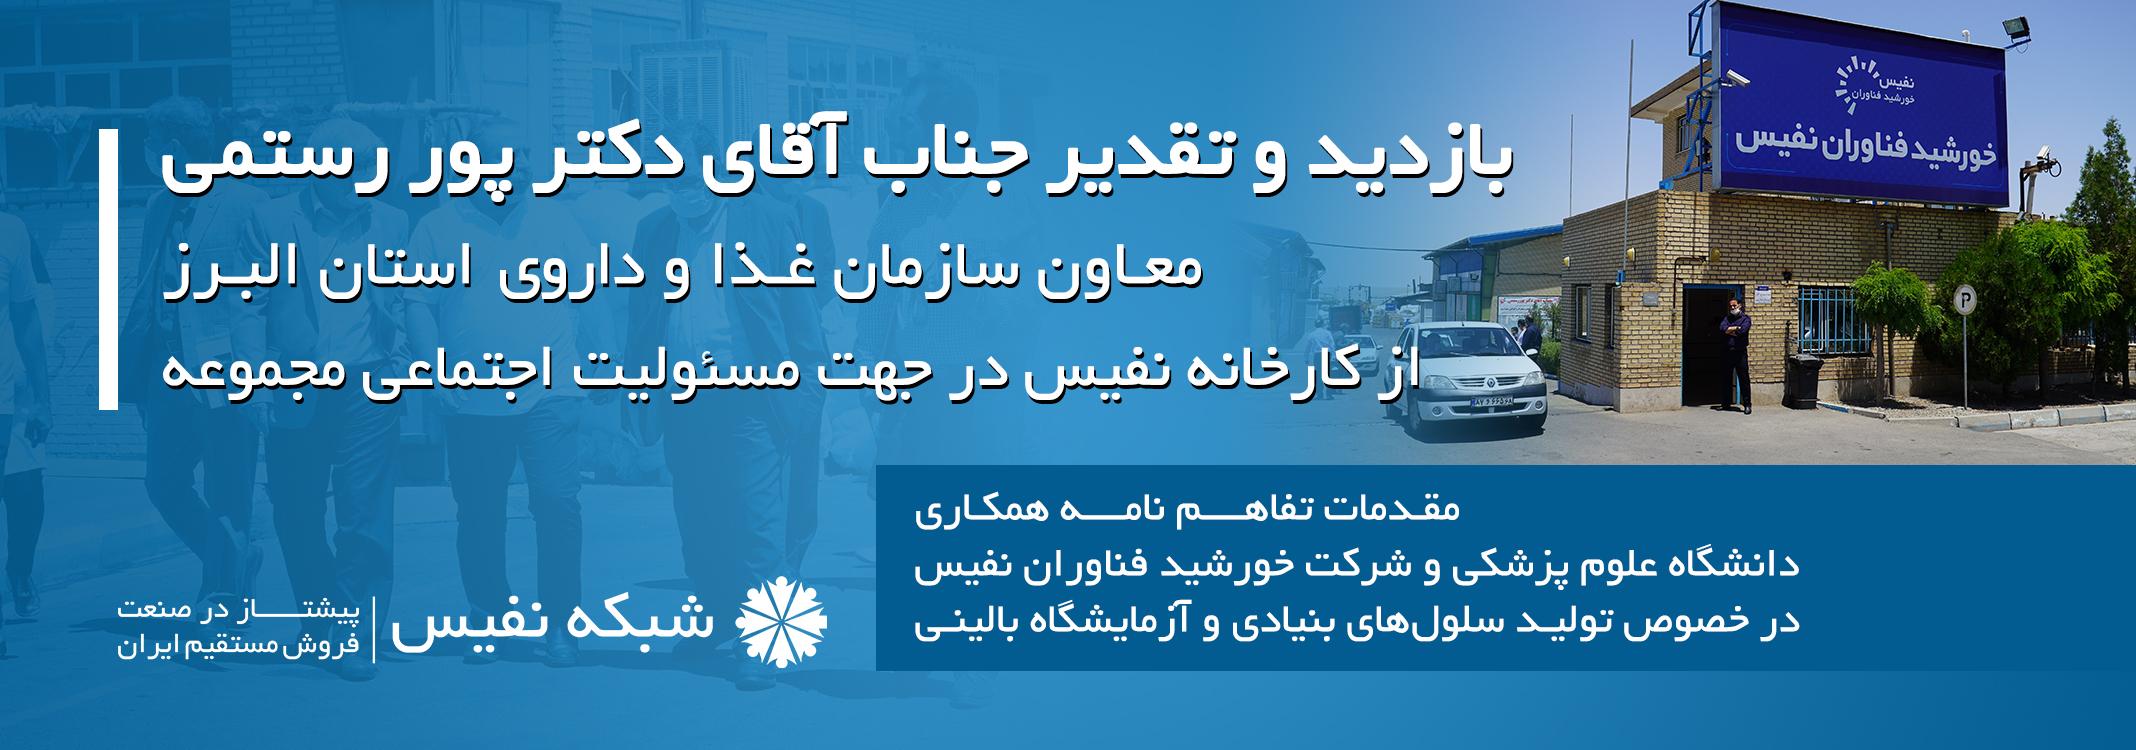 بازدید و تقدیر جناب آقای دکتر پور رستمی معاون سازمان غذا و داروی استان البرز از کارخانه نفیس